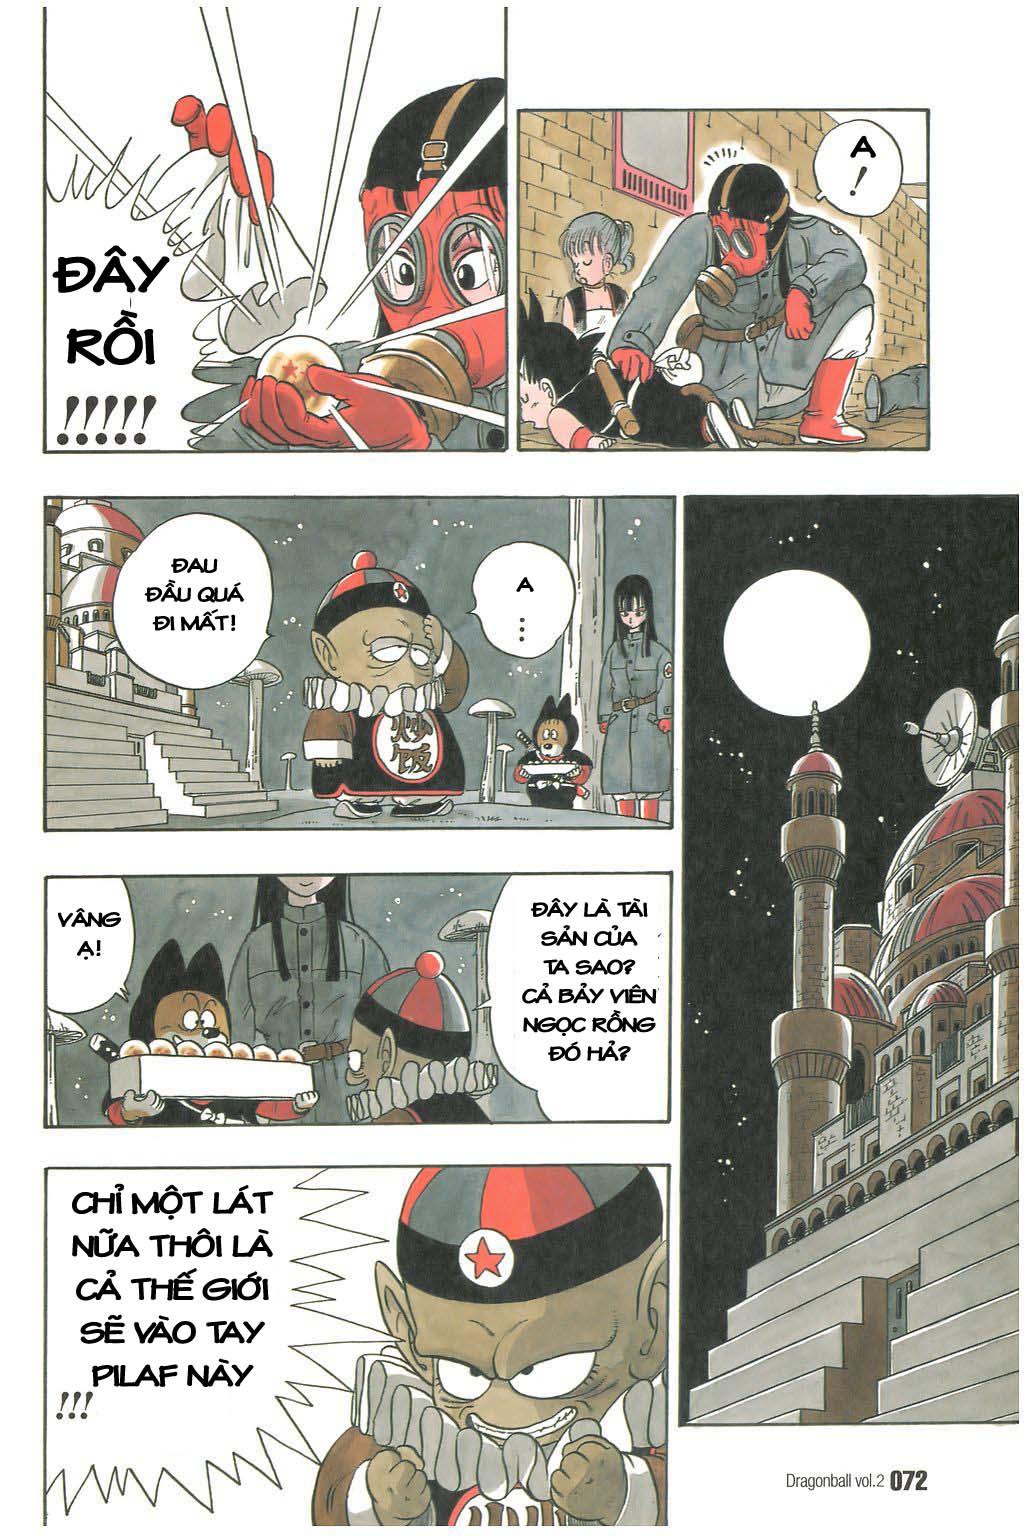 xem truyen moi - Dragon Ball Bản Vip - Bản Đẹp Nguyên Gốc Chap 19